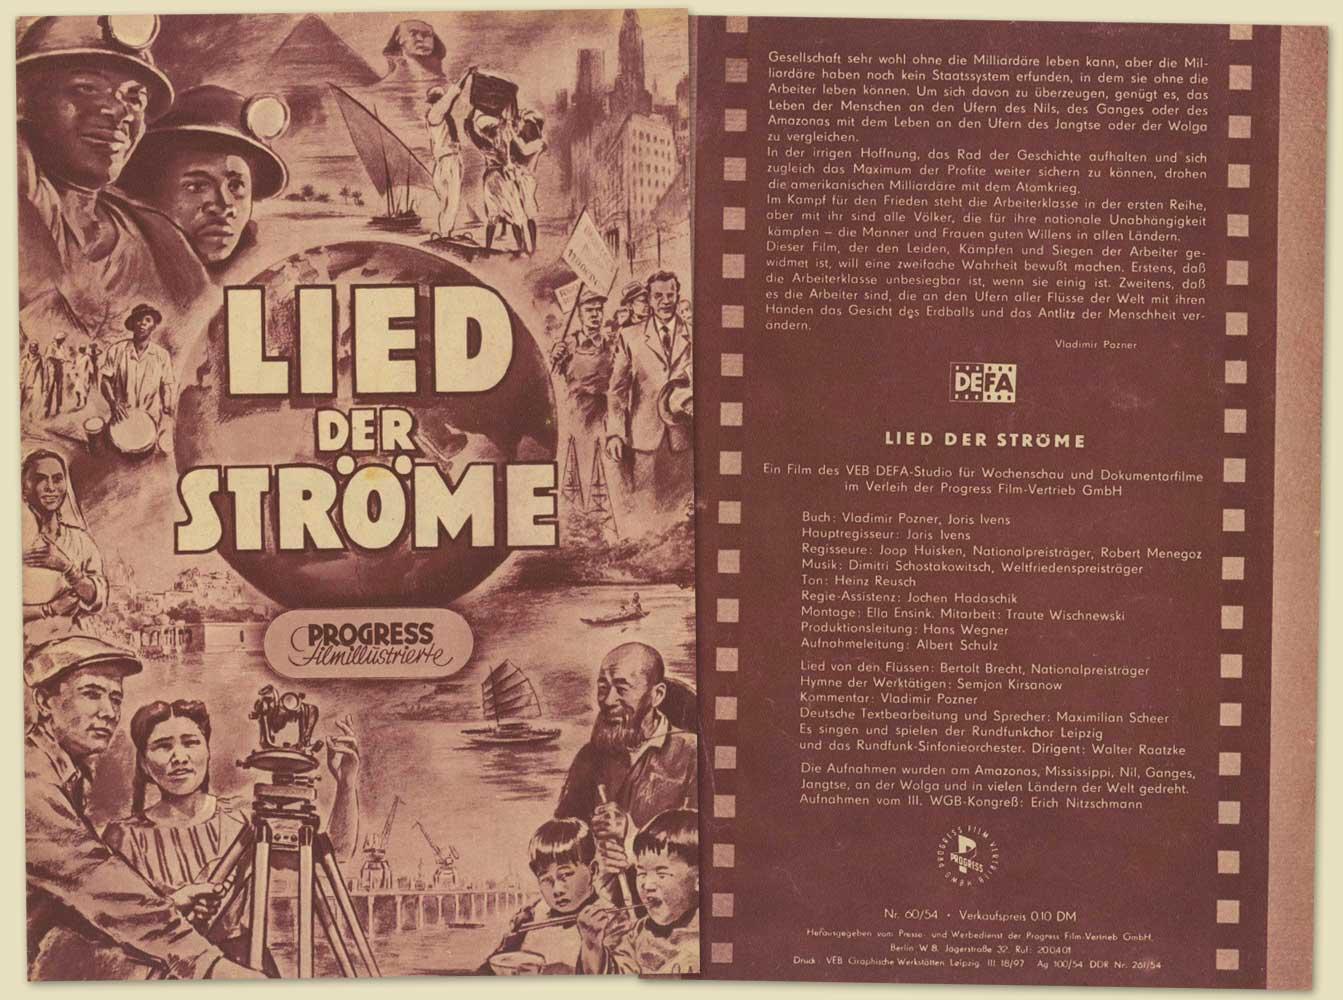 DEFA-Filmprogramm-Lied-der-Stroeme-for-web